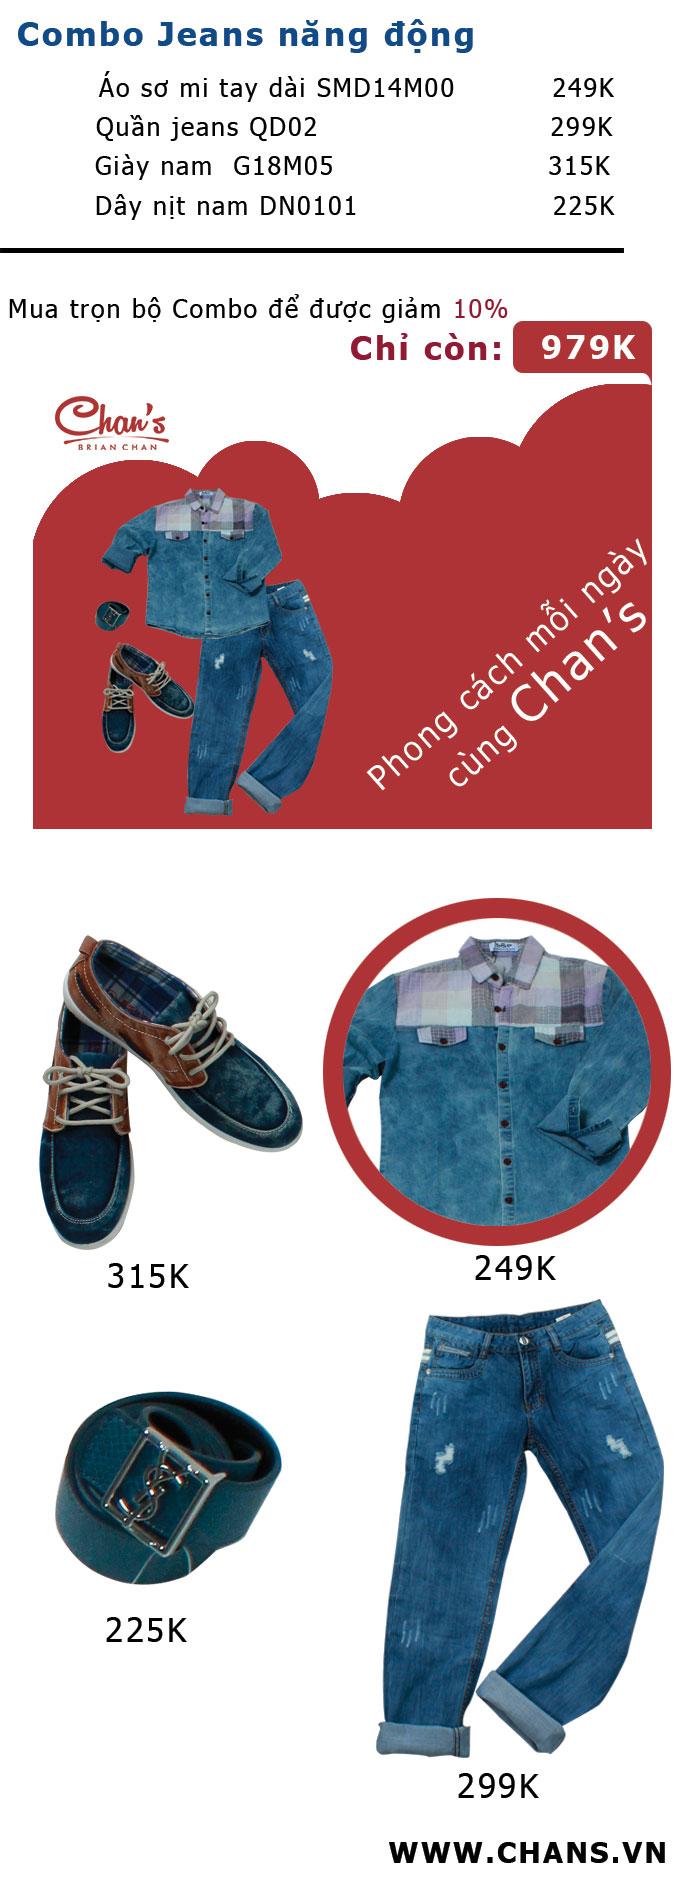 Tu Tin The Hien Phong Cach Cung Chans Fashion